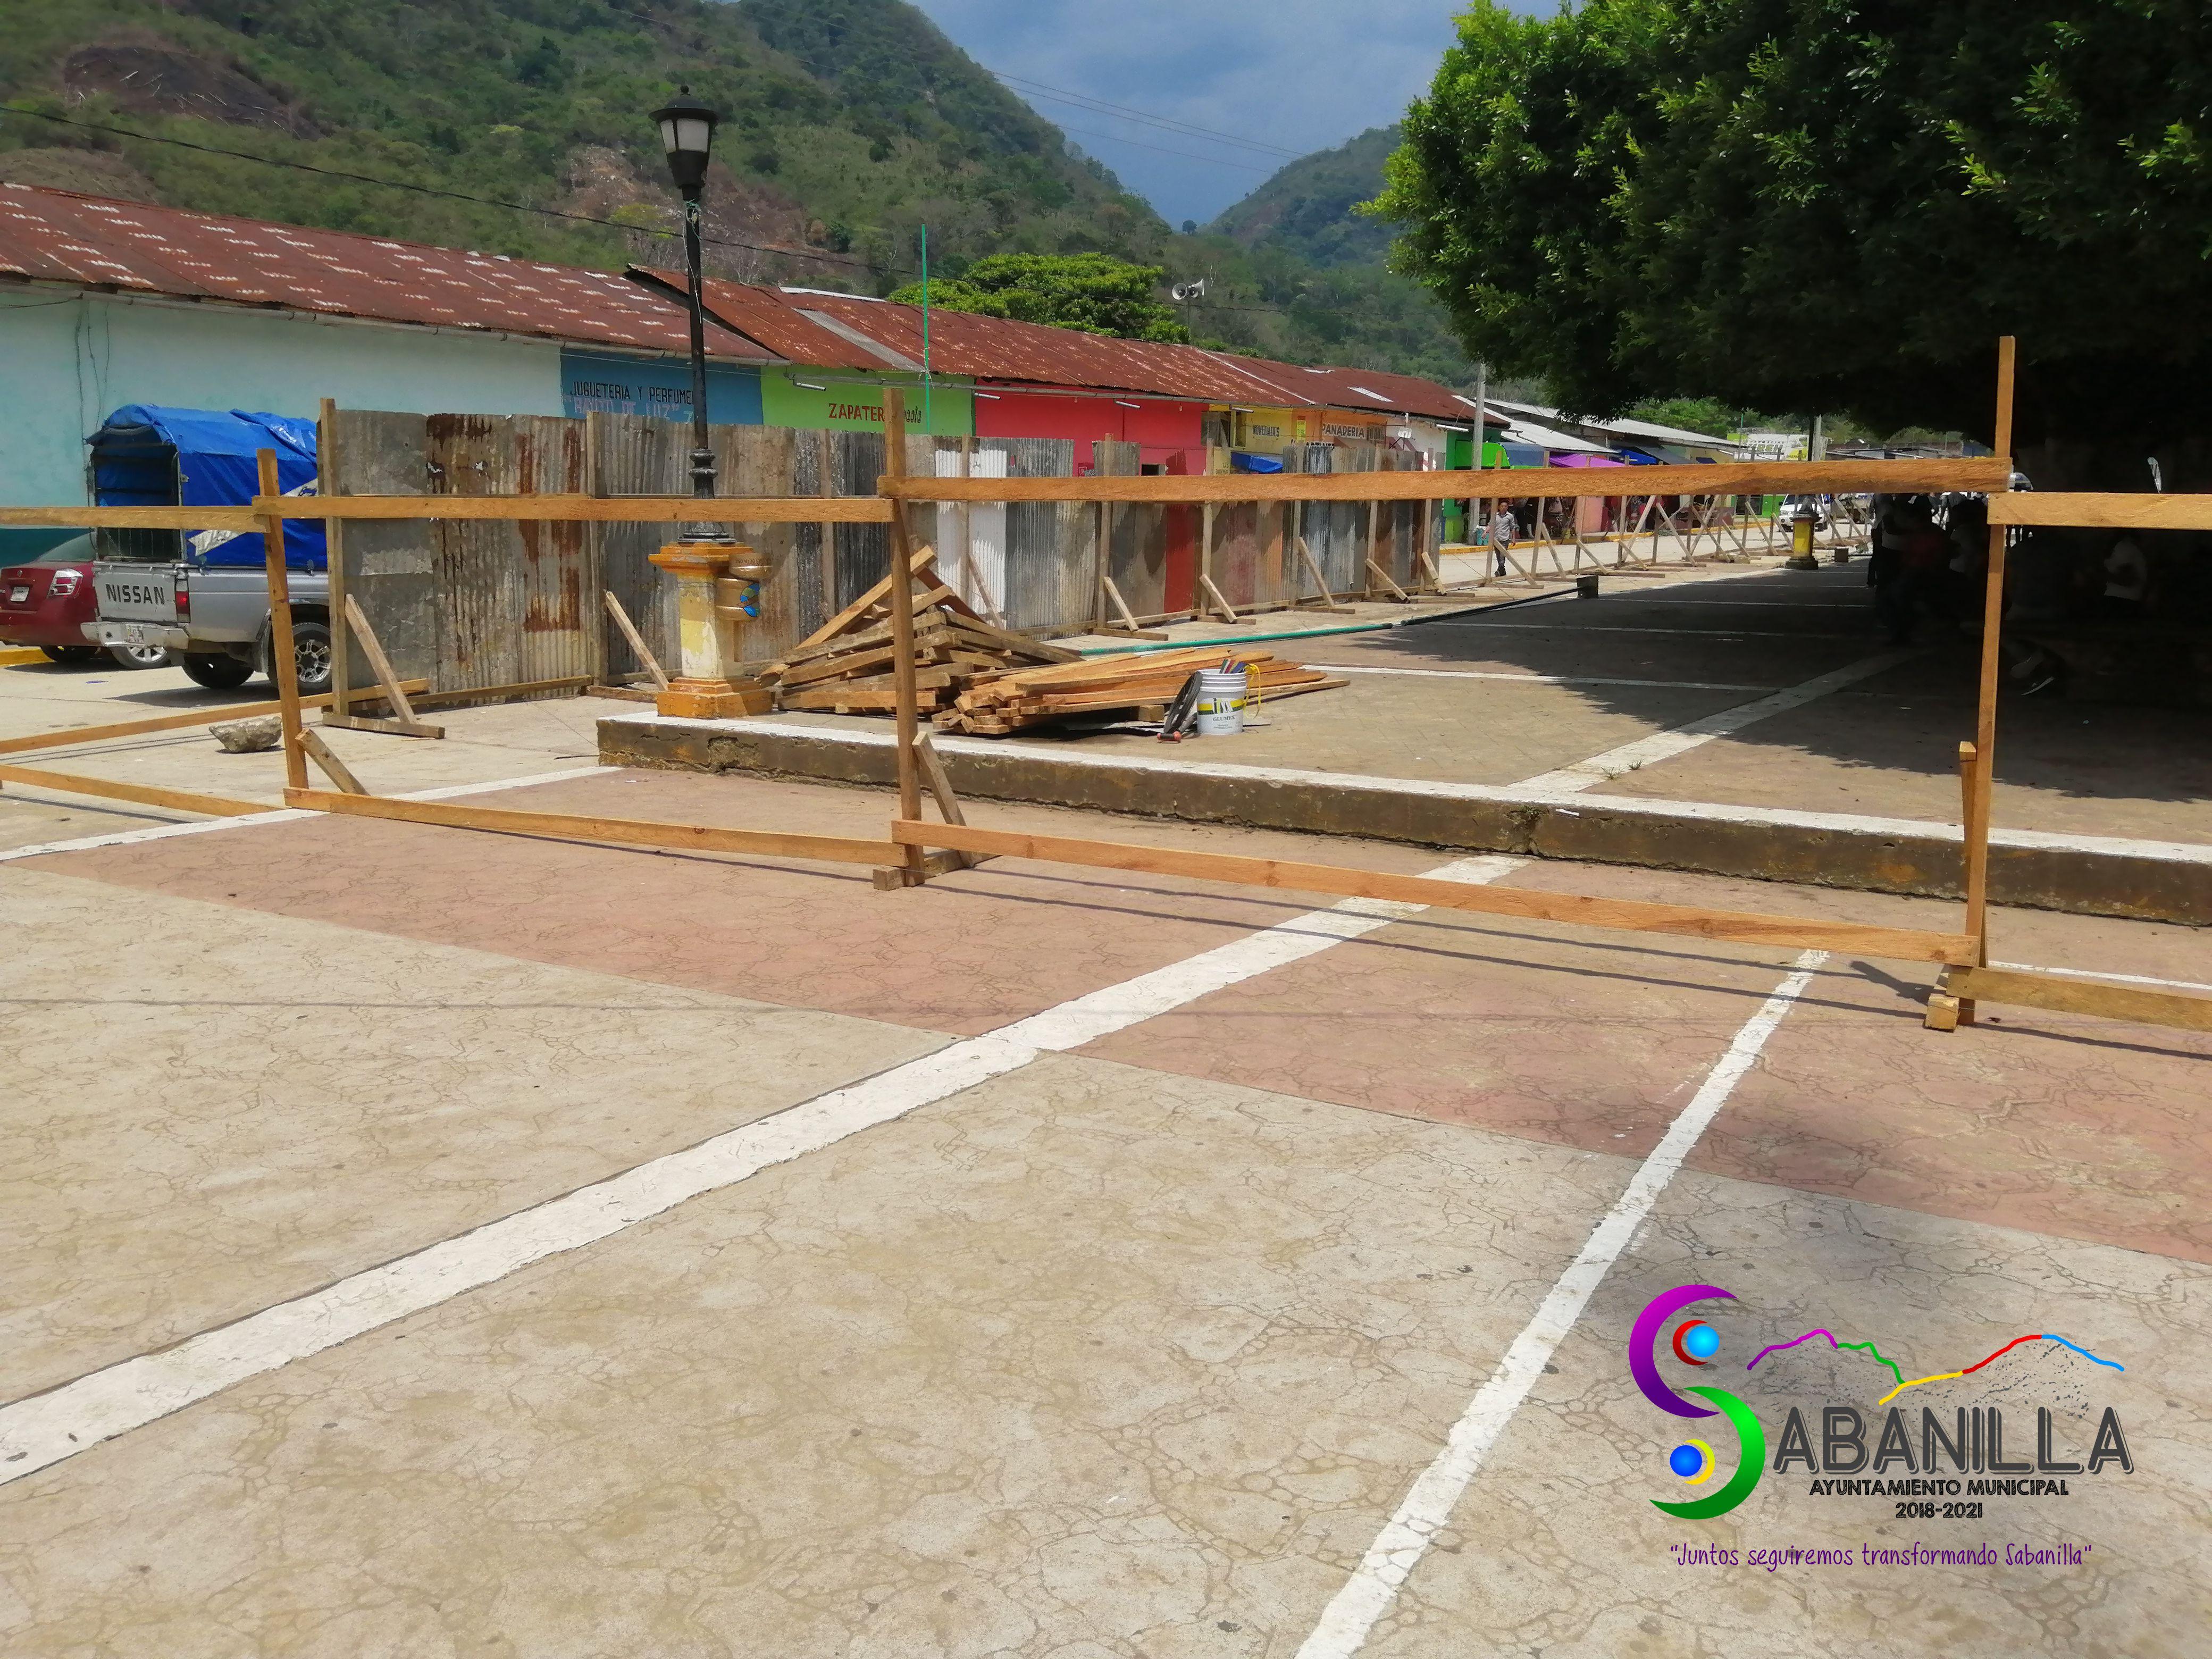 Rehabilitación del Parque Central Sabanilla